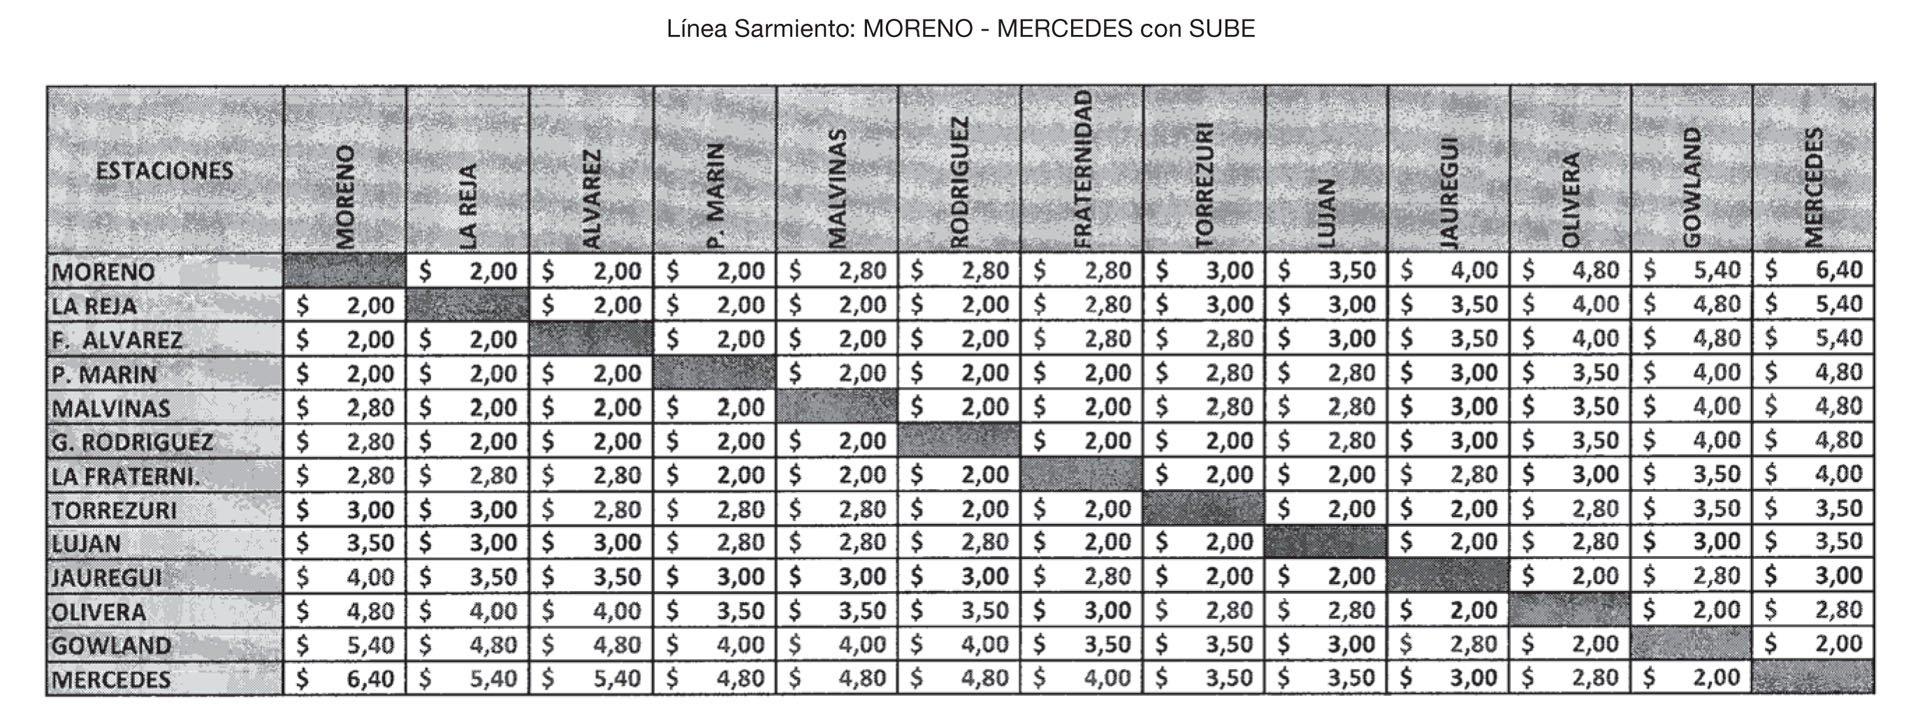 Nuevas tarifas para el ferrocarril Sarmiento (Moreno-Mercedes) con SUBE